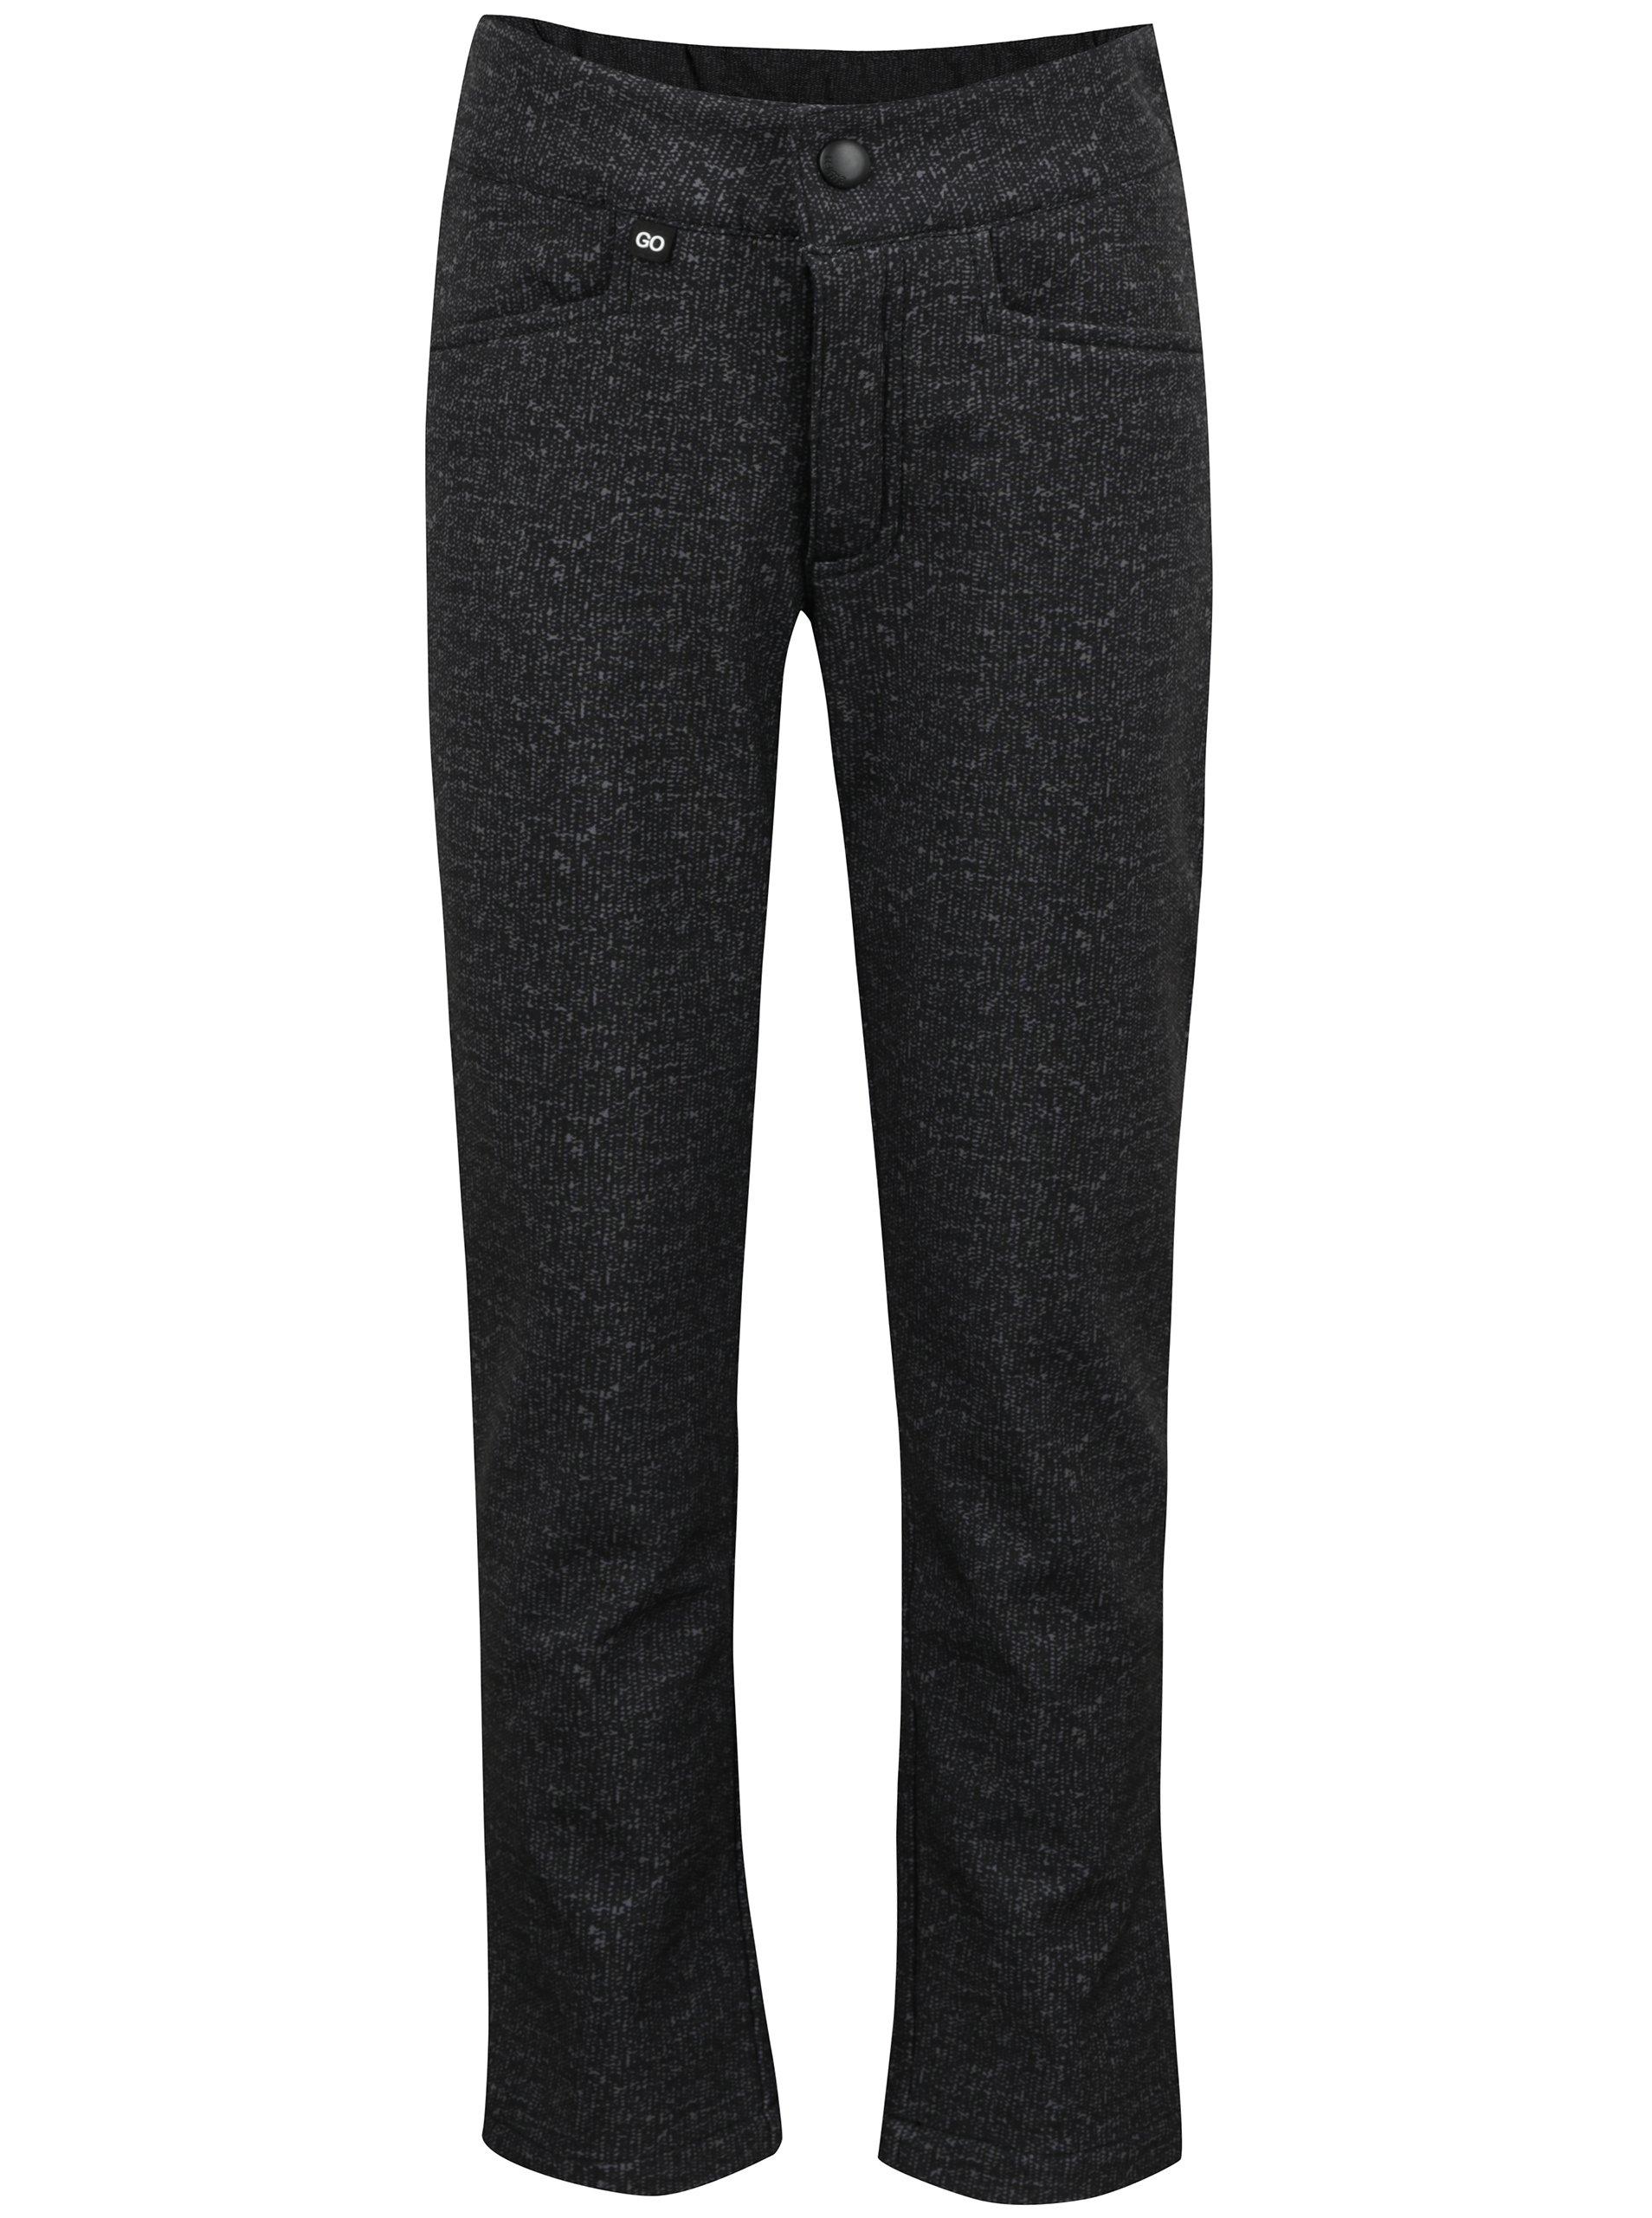 Tmavě šedé holčičí nepromokavé funkční kalhoty Reima Idea